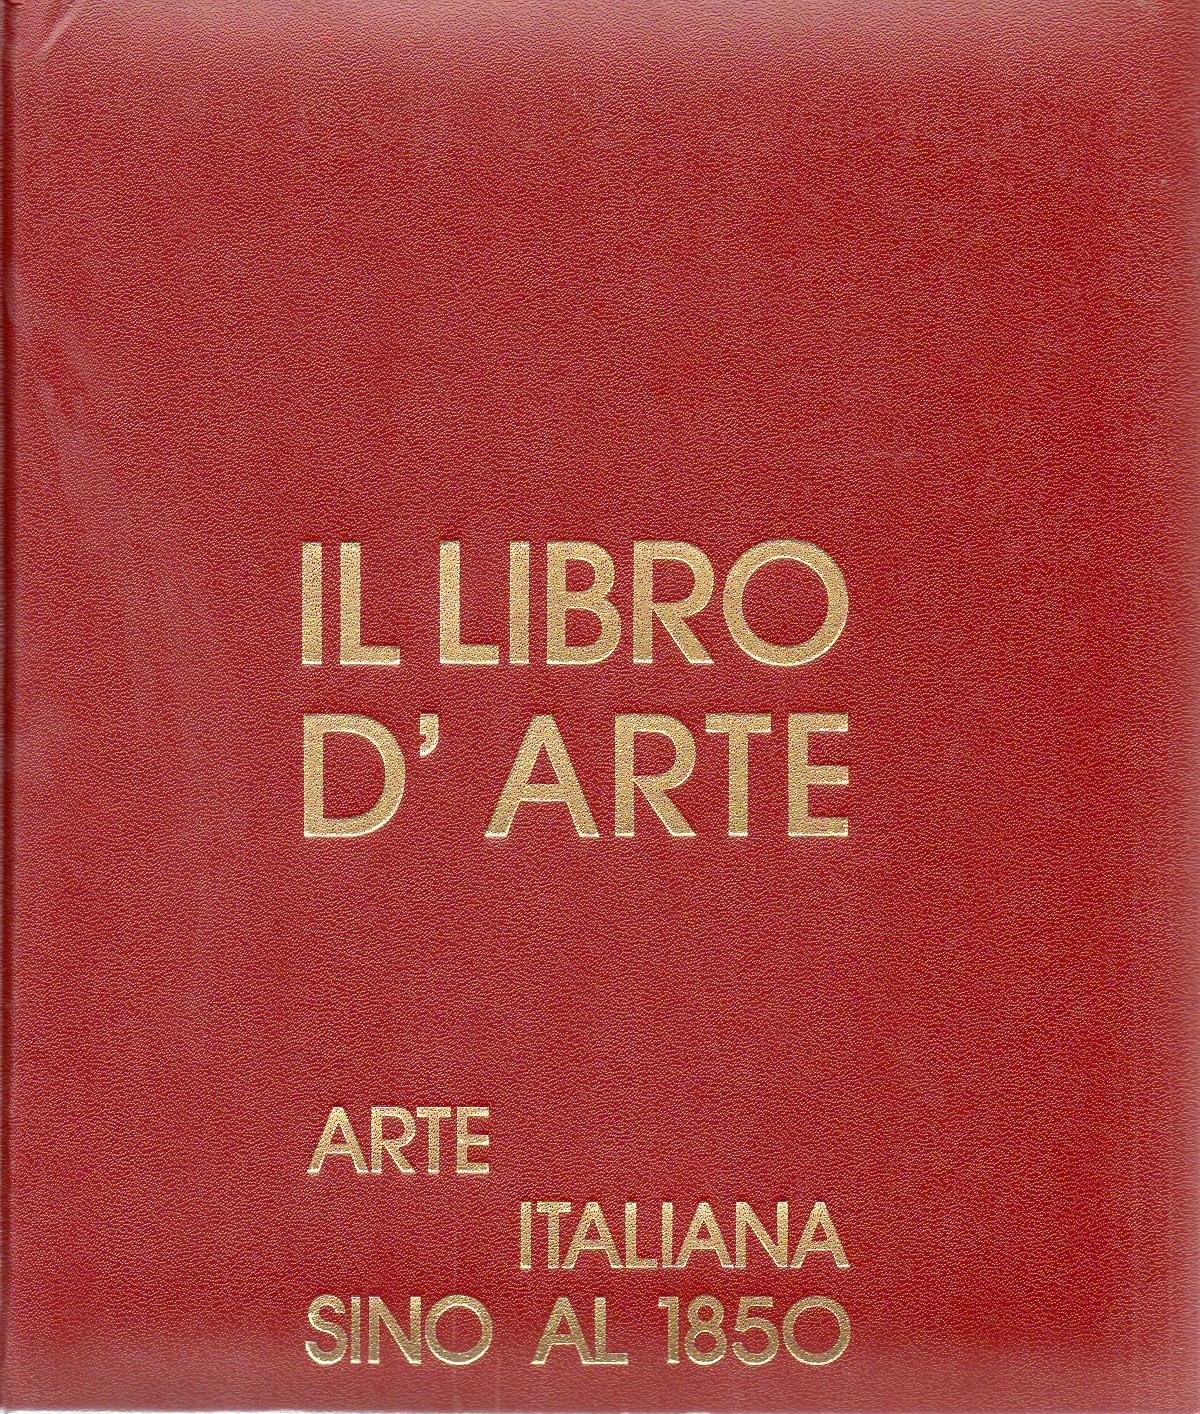 il libro d'arte - arte italiana sino al 1850